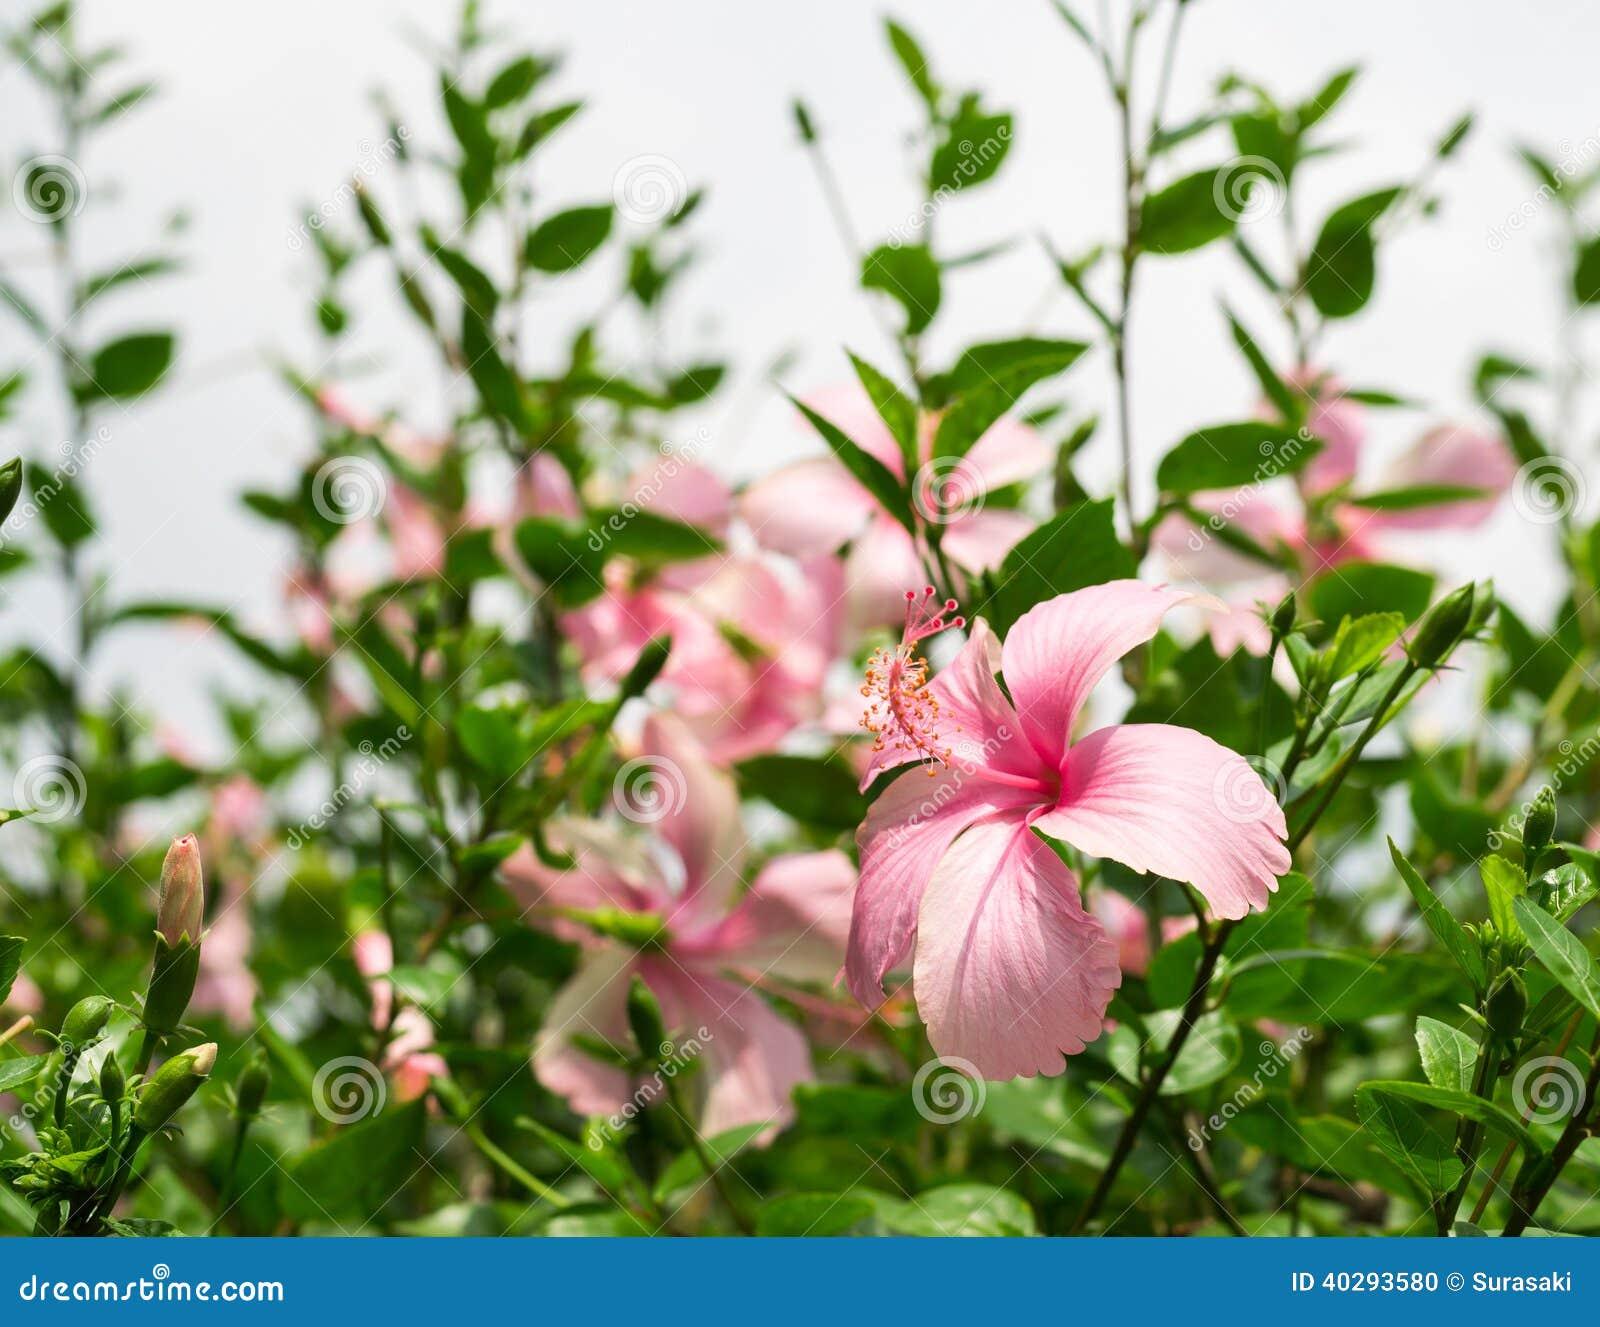 Гибискус или цветок китайца розовый